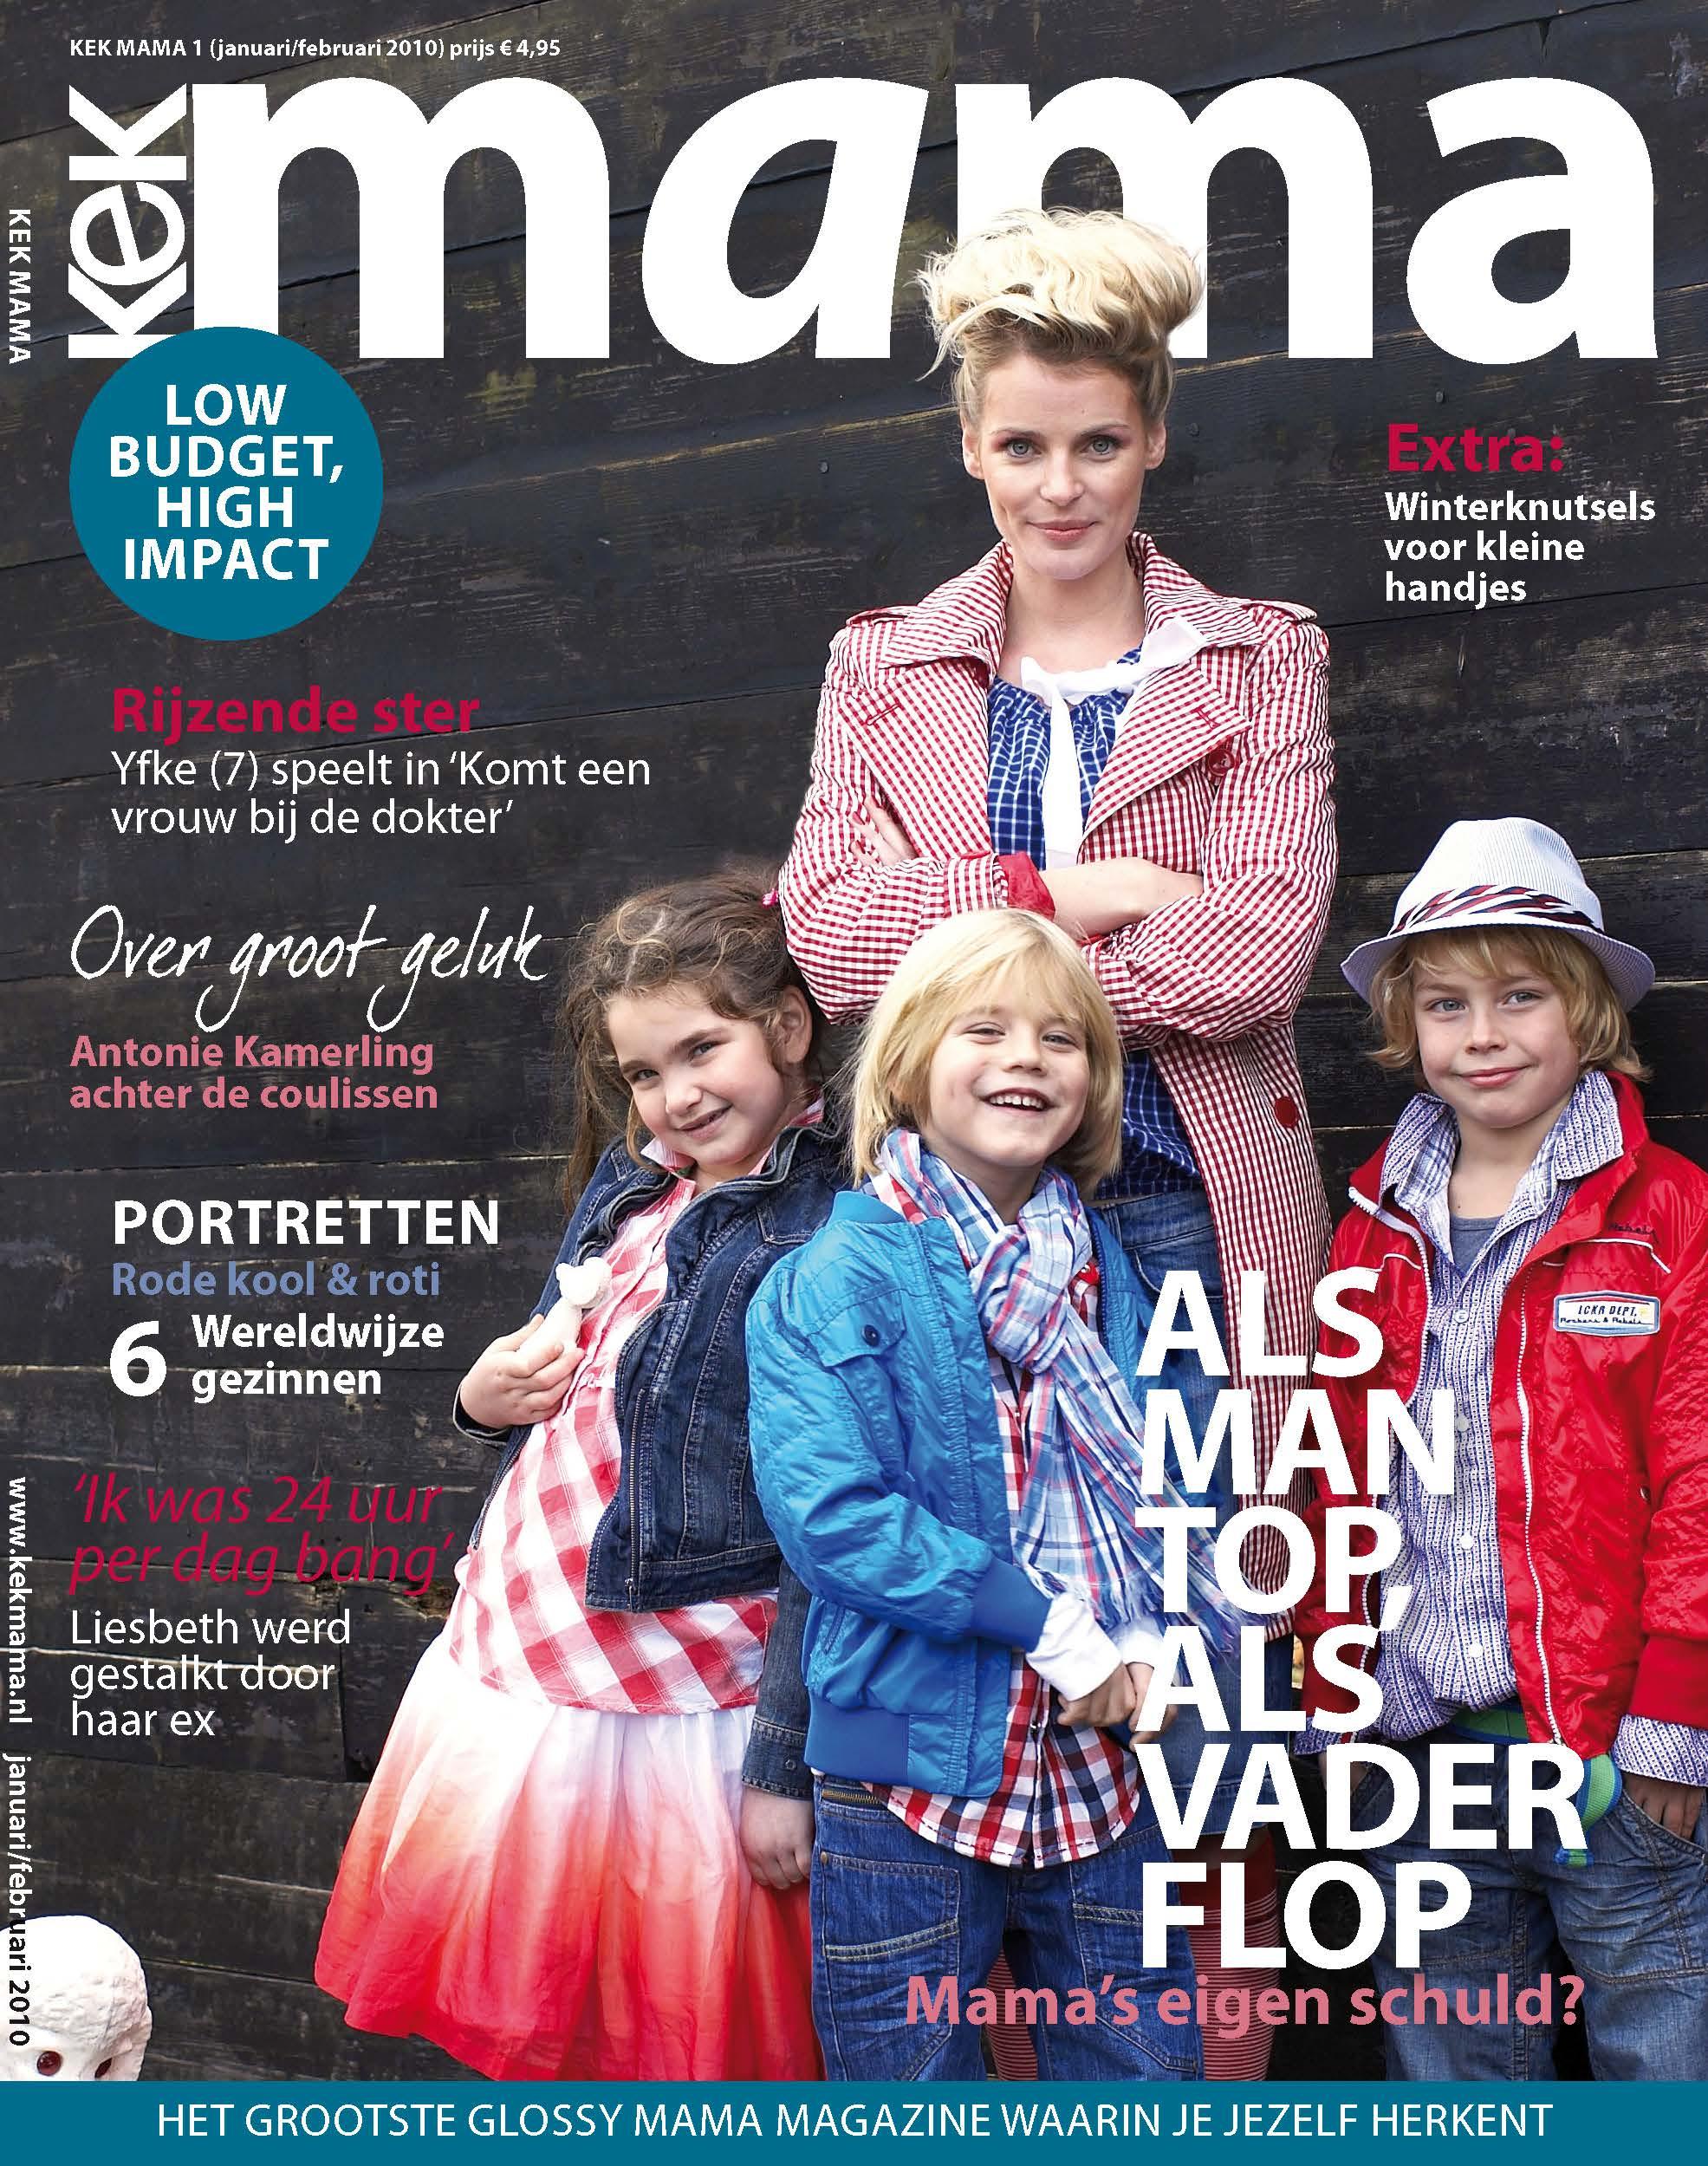 Cover01_HR_Zonder.jpg